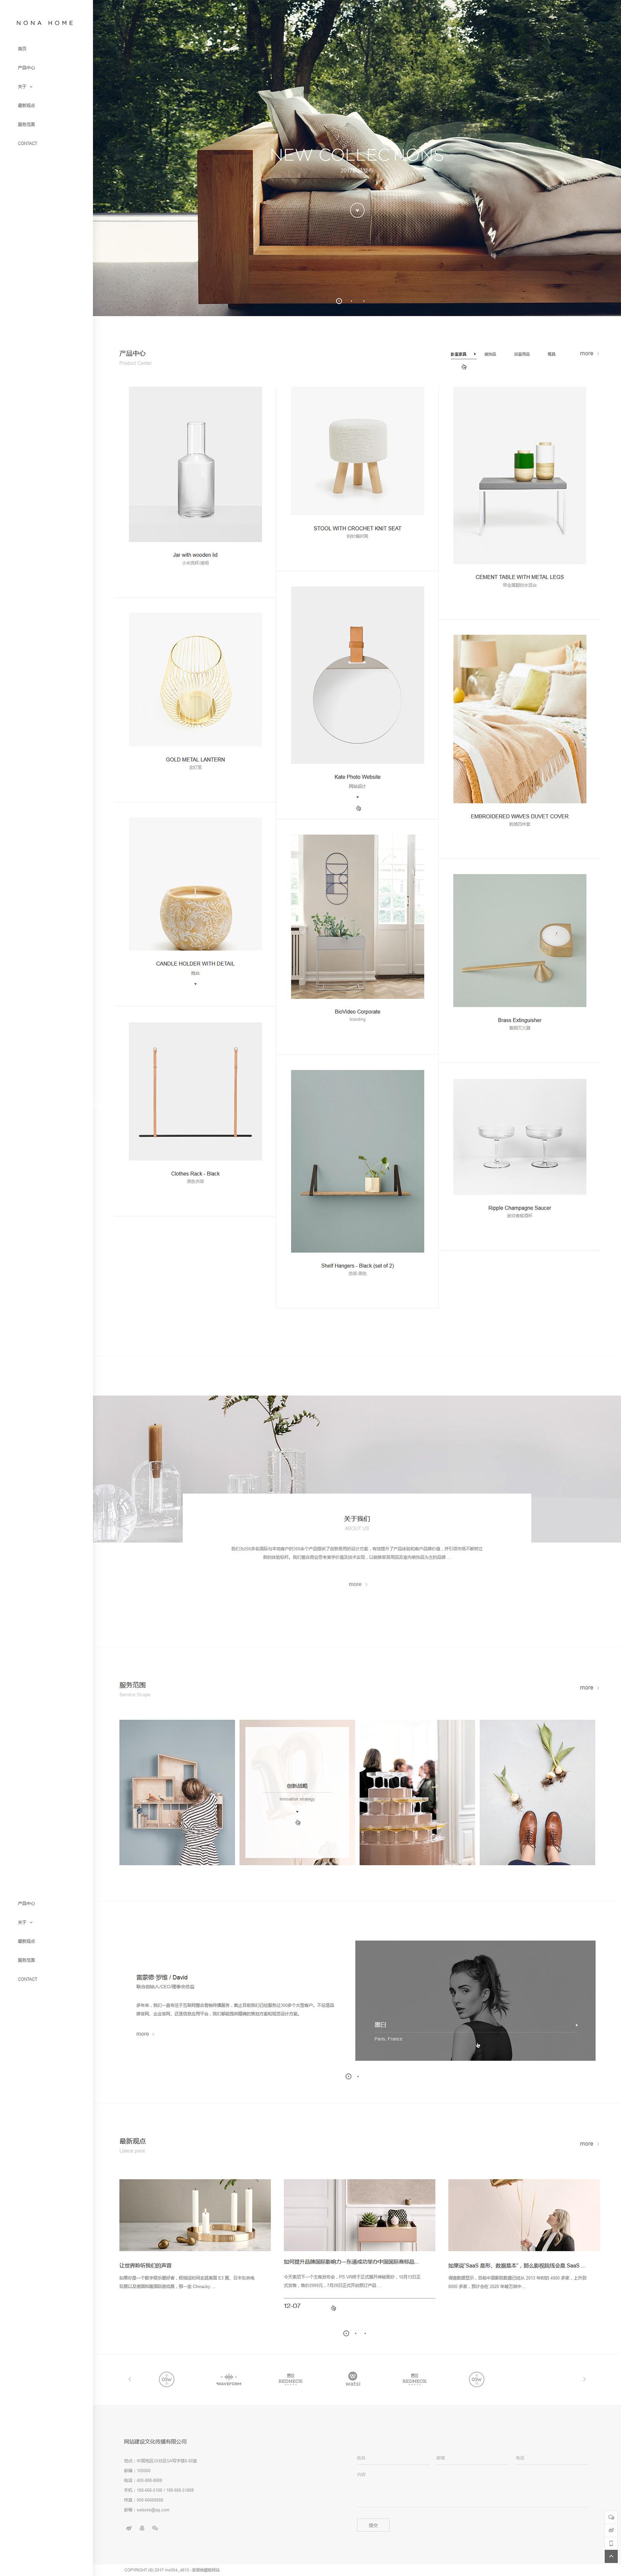 家居装饰室内装修织梦模板网站-90咸鱼网